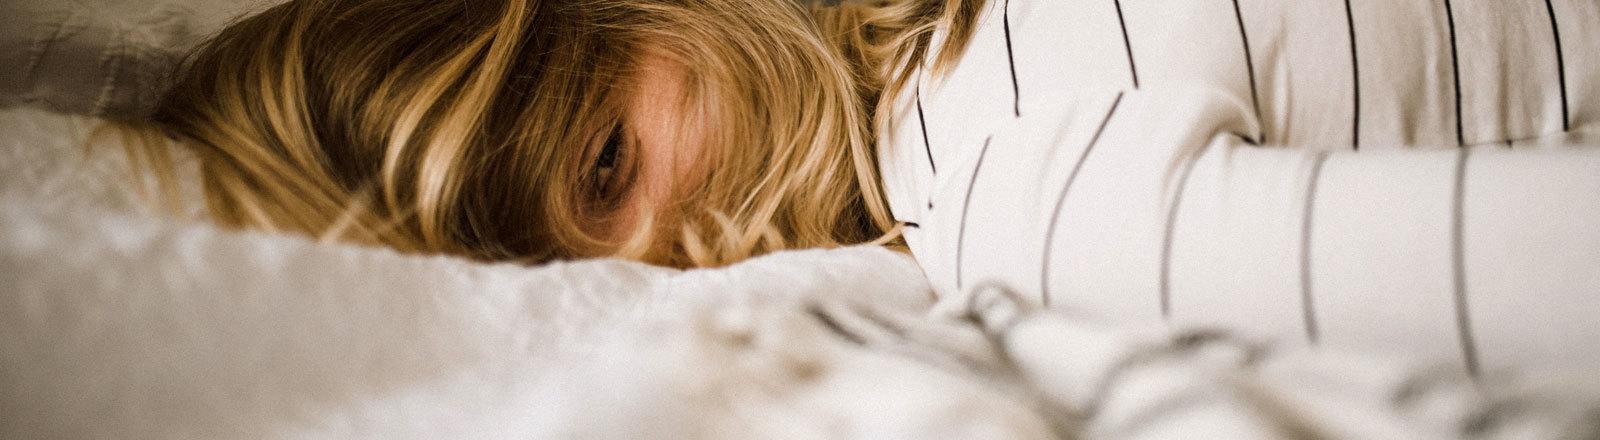 Eine Frau liegt mit offenen Augen auf dem Bauch auf einem Bett.